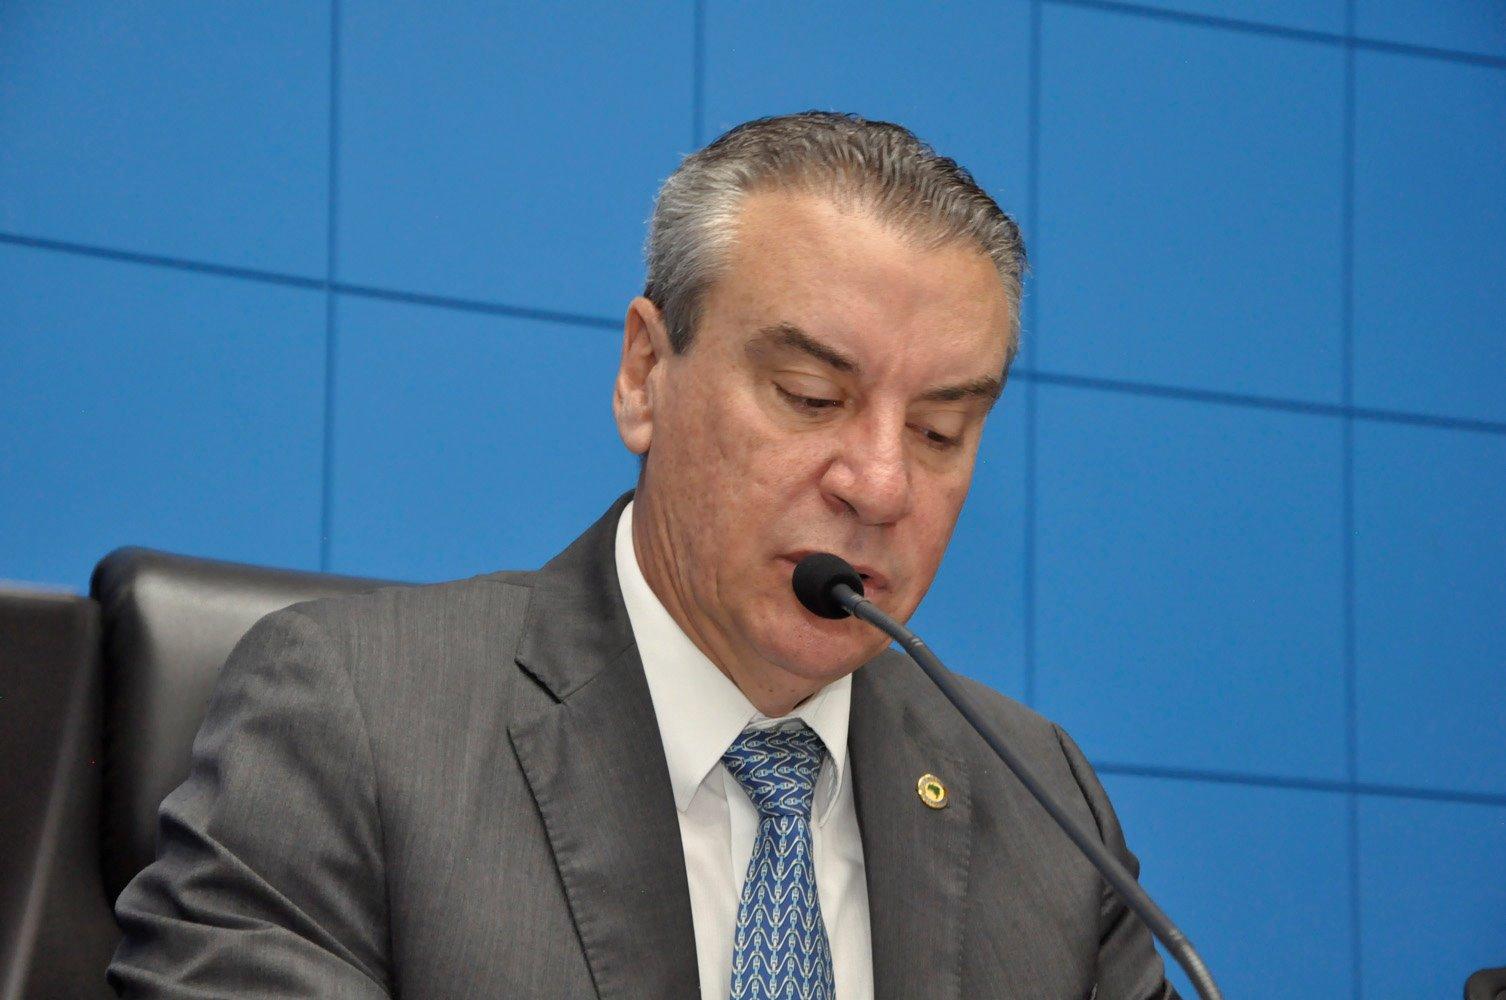 lideranças-vereadores-deputados-apoio-presidência-sérgio-paula-diretório-estadual-psdb-partido-fortalecido-eleições-2020-campo-grande-ms-2019